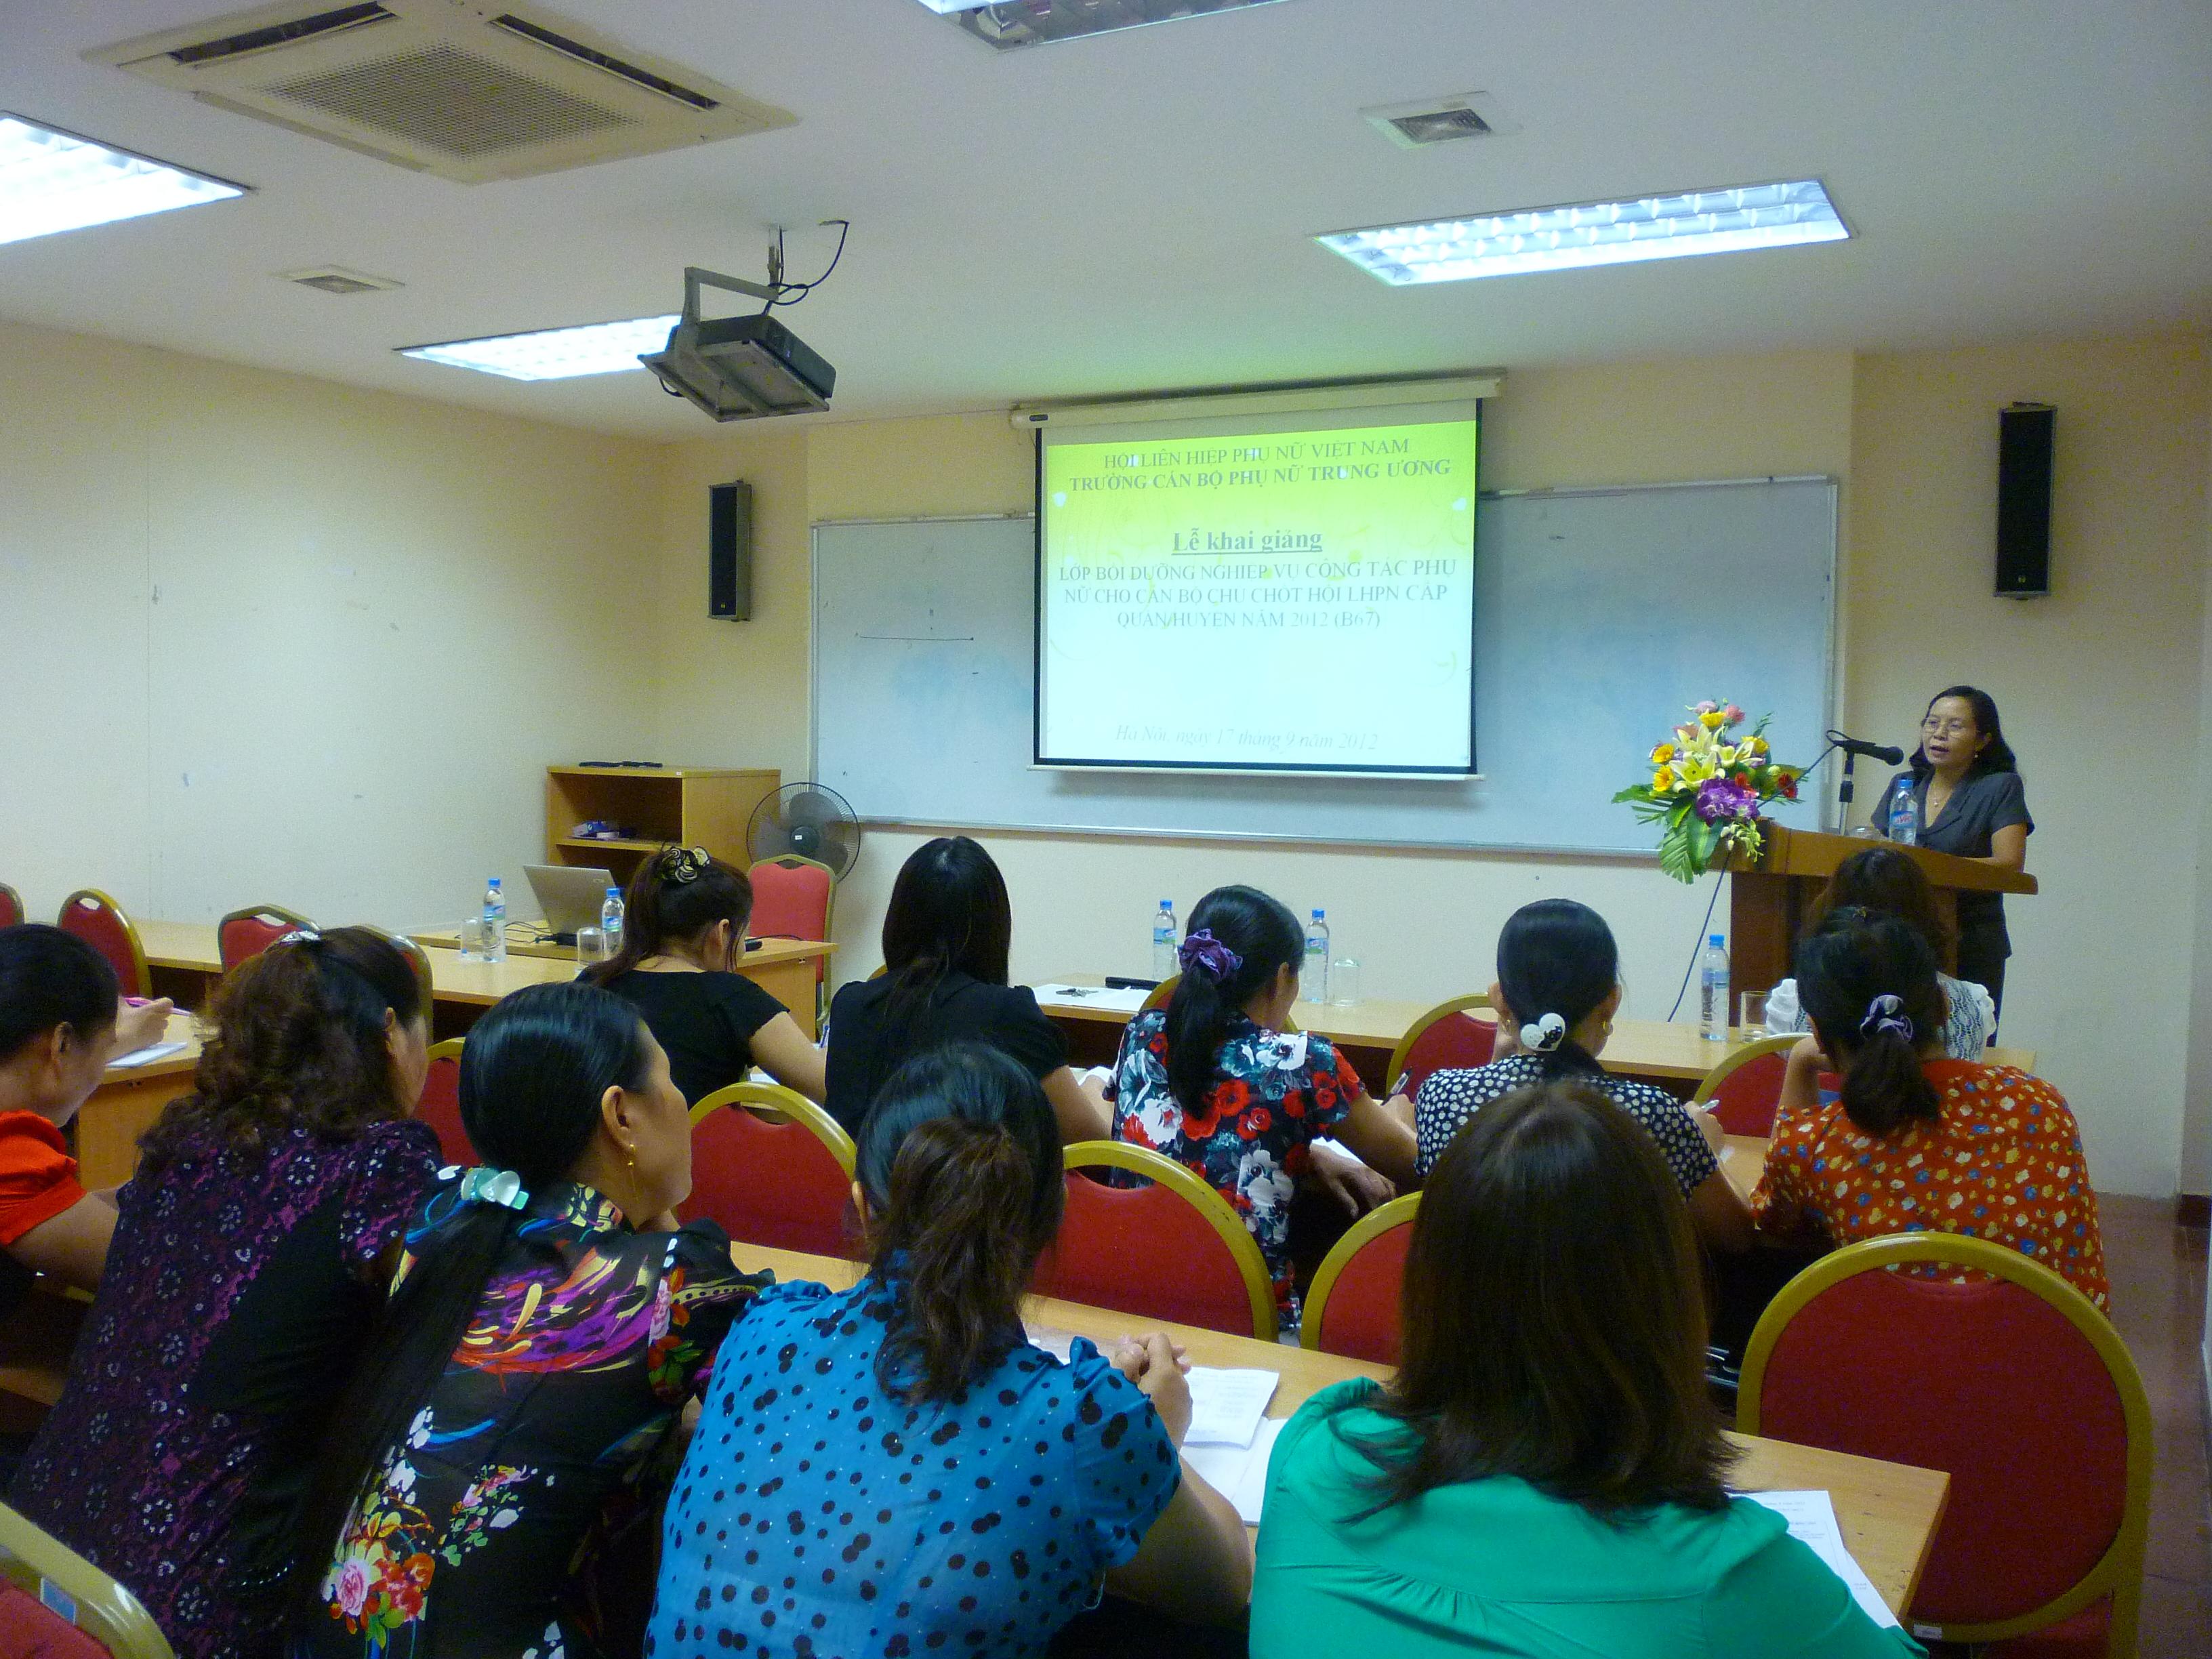 Khai giảng lớp bồi dưỡng nghiệp vụ Công tác phụ nữ cho cán bộ chủ chốt  Hội LHPN cấp quận, huyện (B67)